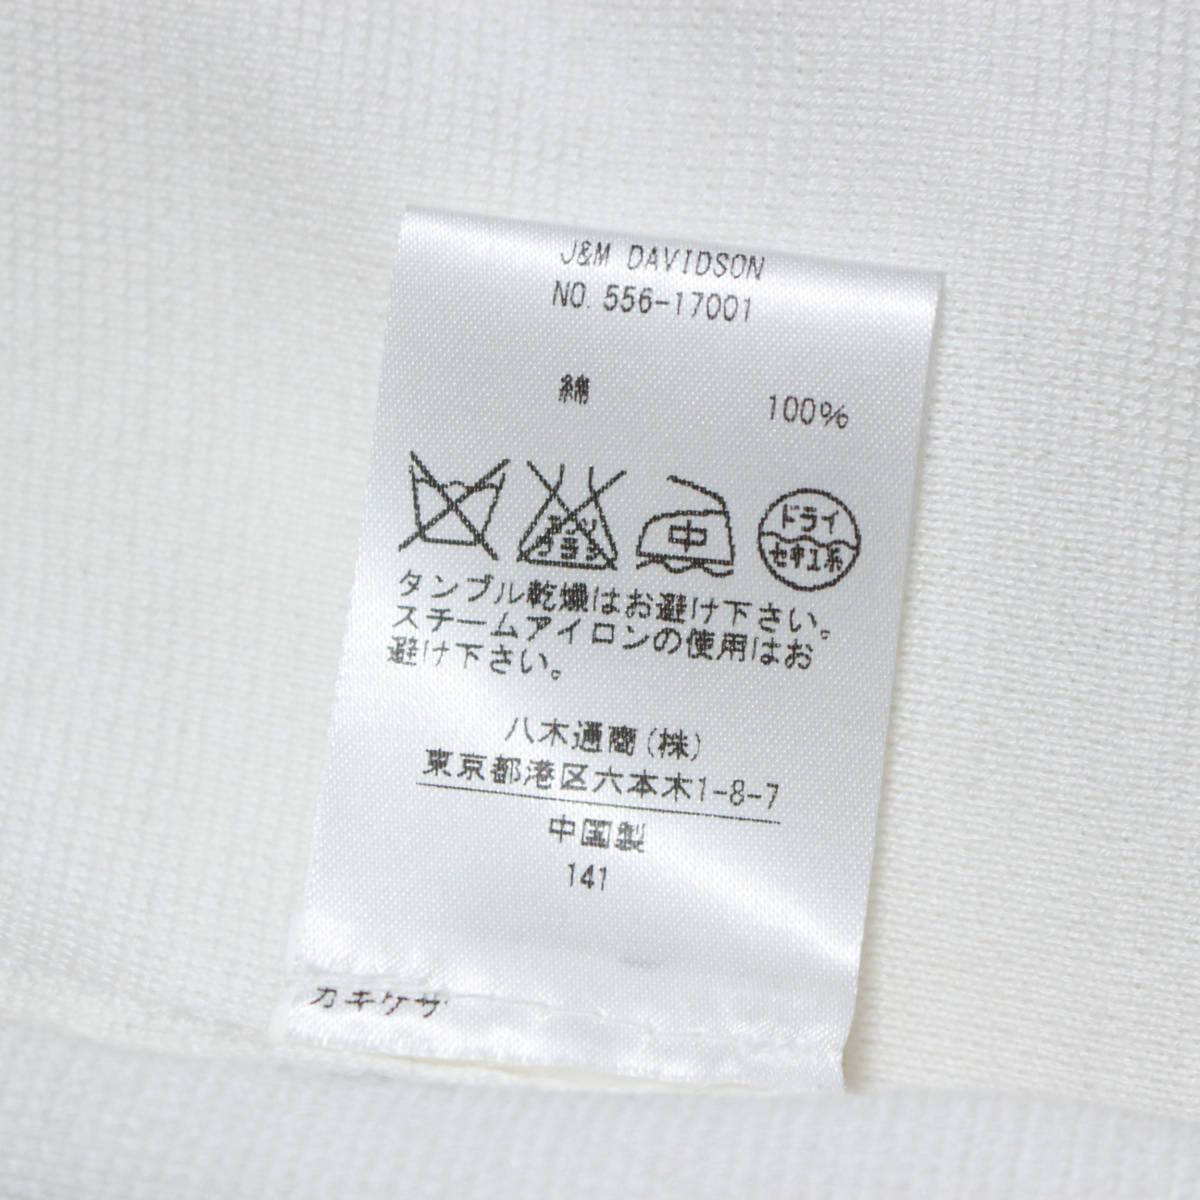 美品* J&M DAVIDSON ジェイアンドエムデヴィッドソン 参考価格5.7万 ボーダー柄ノースリーブワンピース ホワイト×ピンク Sサイズ 綿100%_画像6